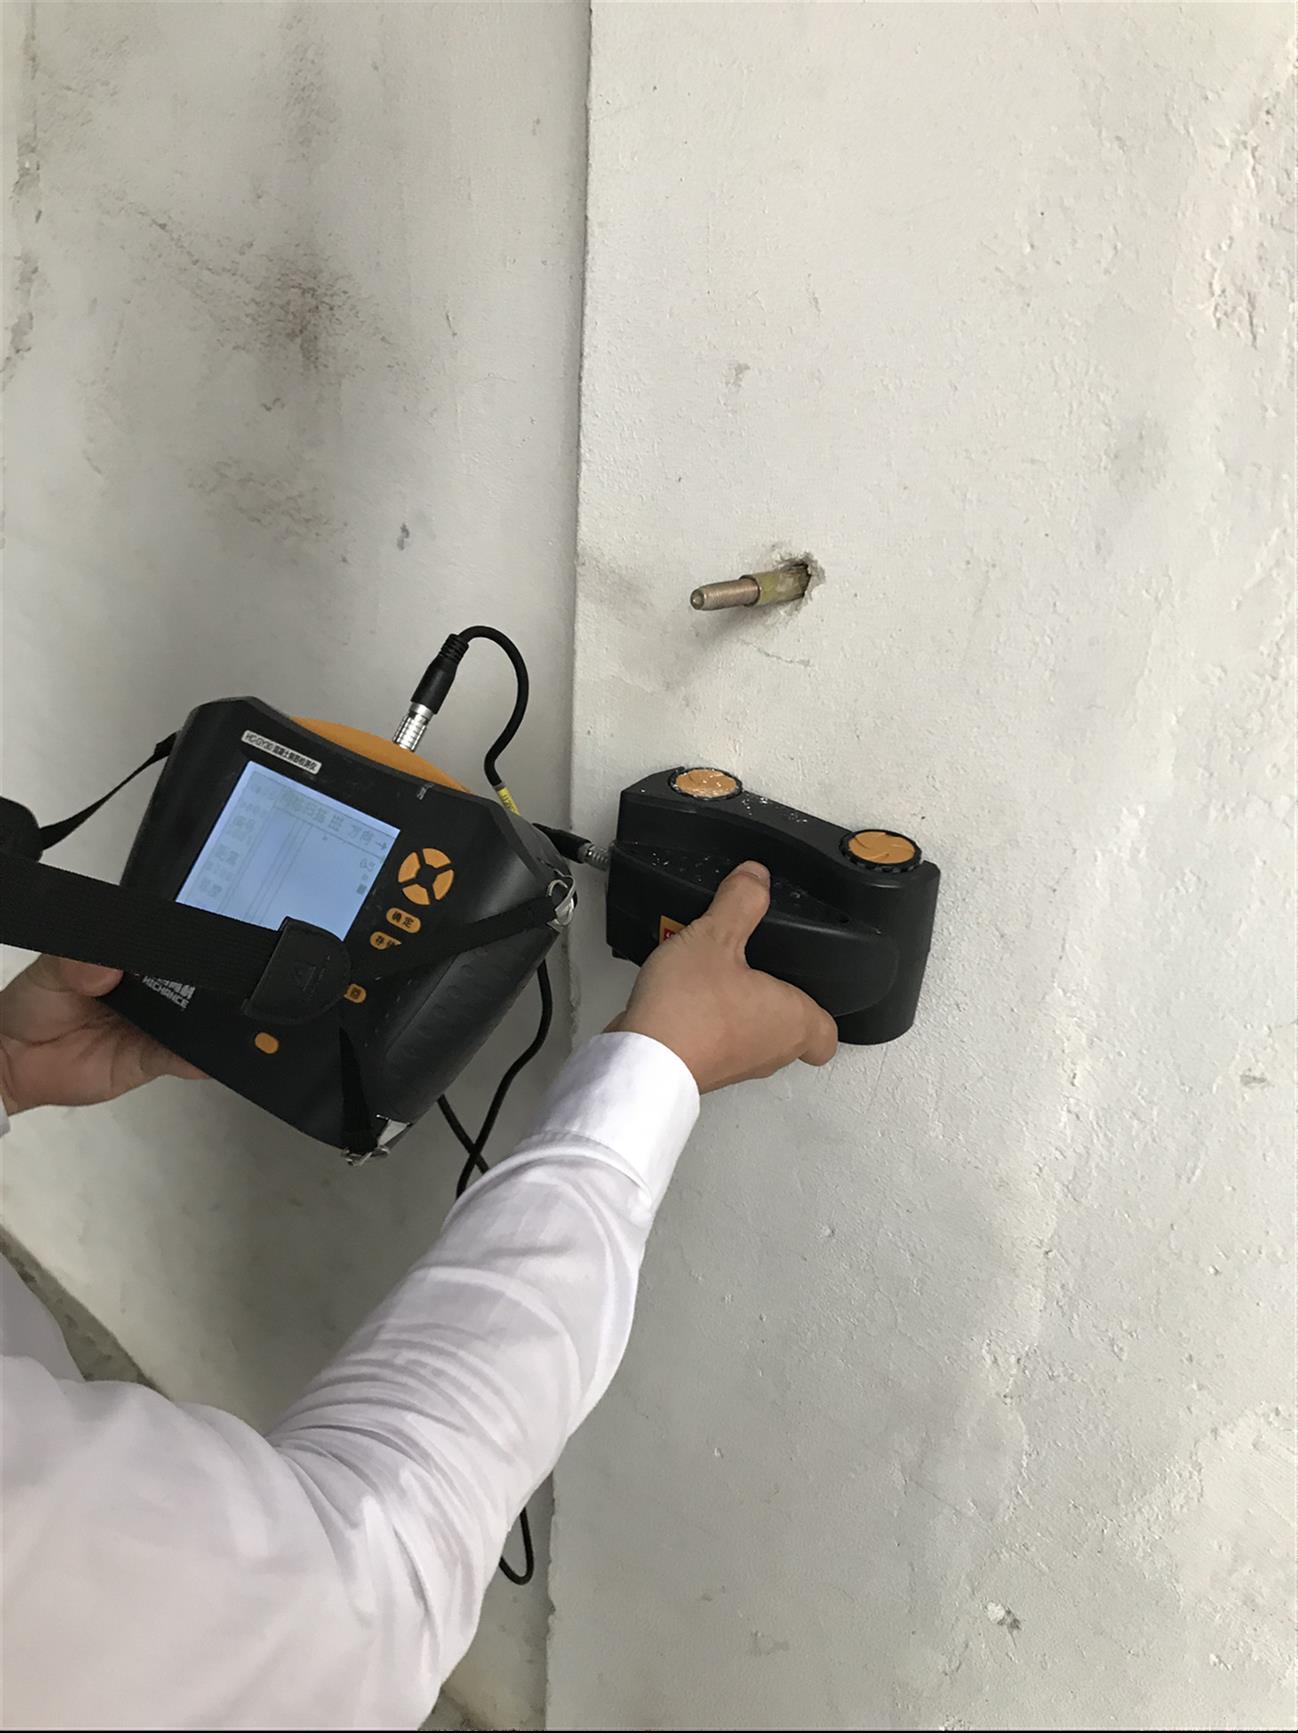 驻马店厂房承重安全性检测鉴定工程技术单位